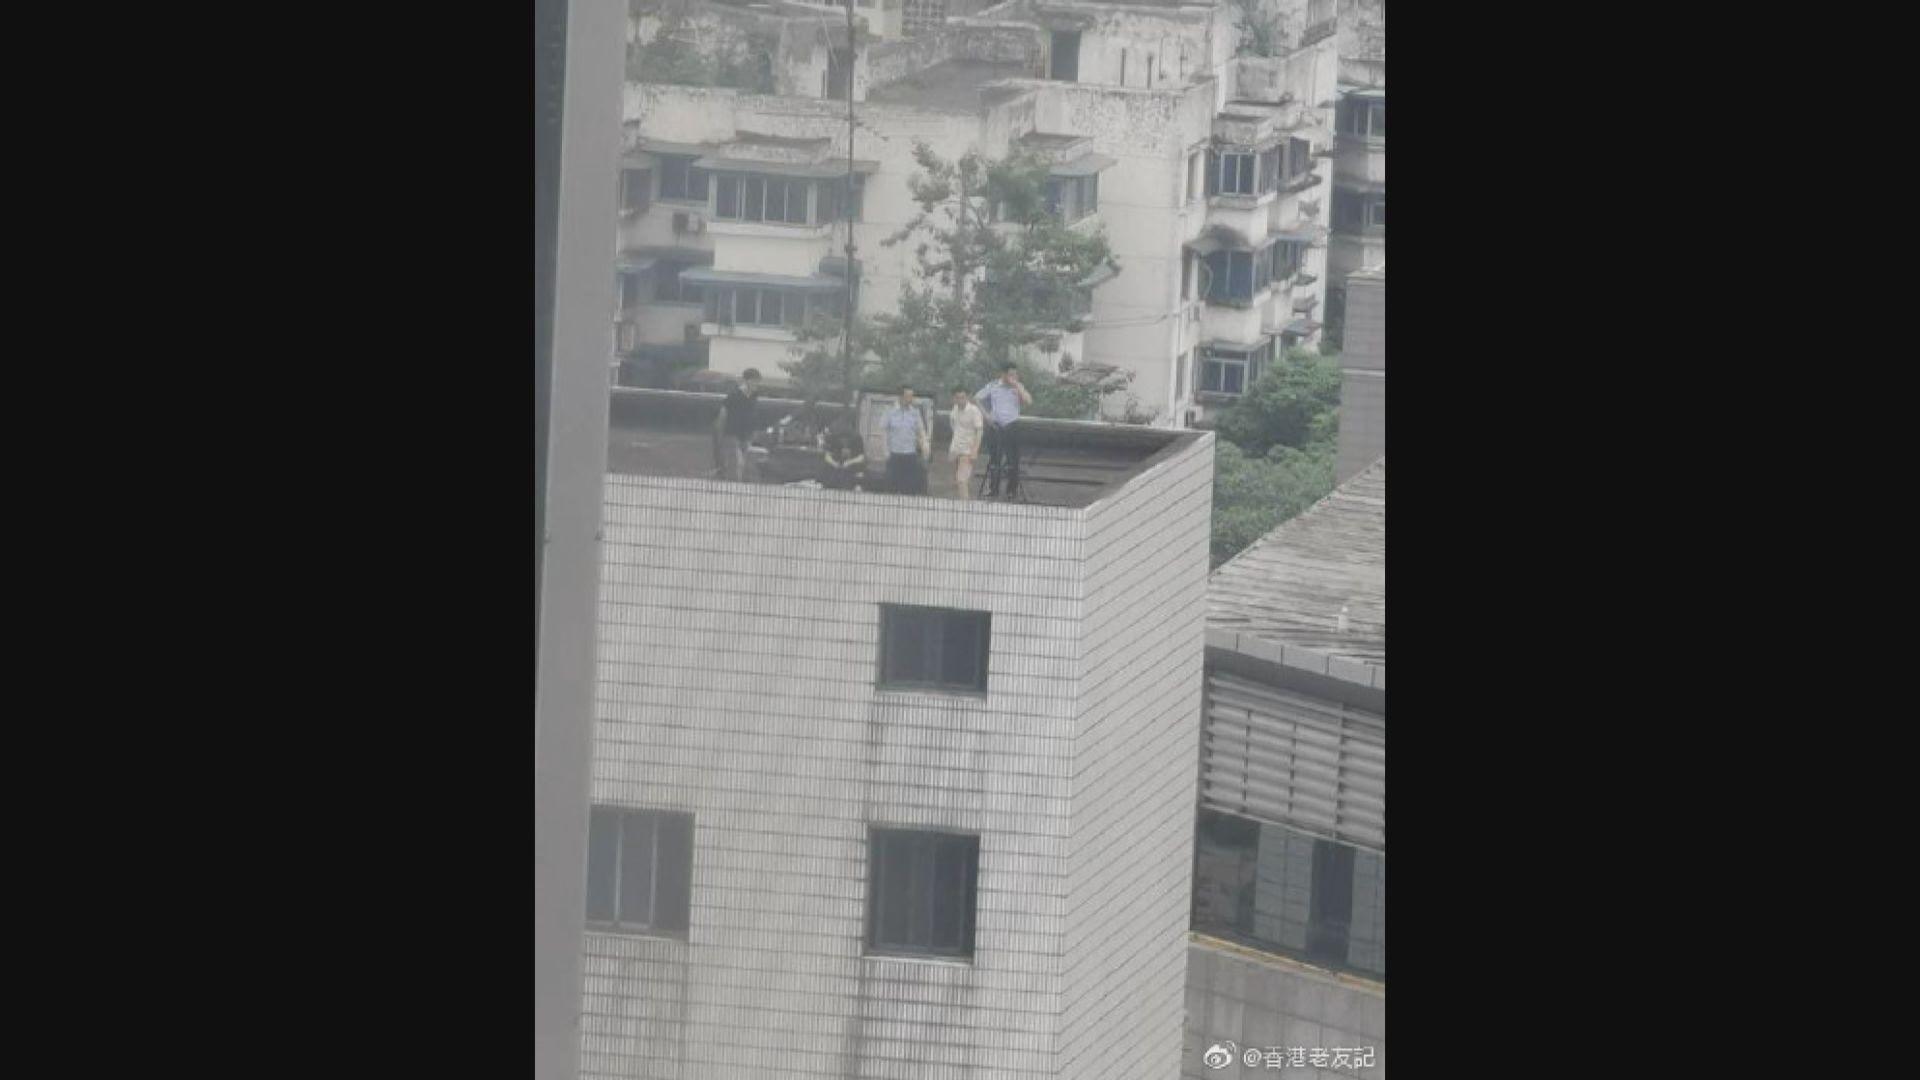 法國國際廣播電台:軍警在美國駐成都總領事館附近監視